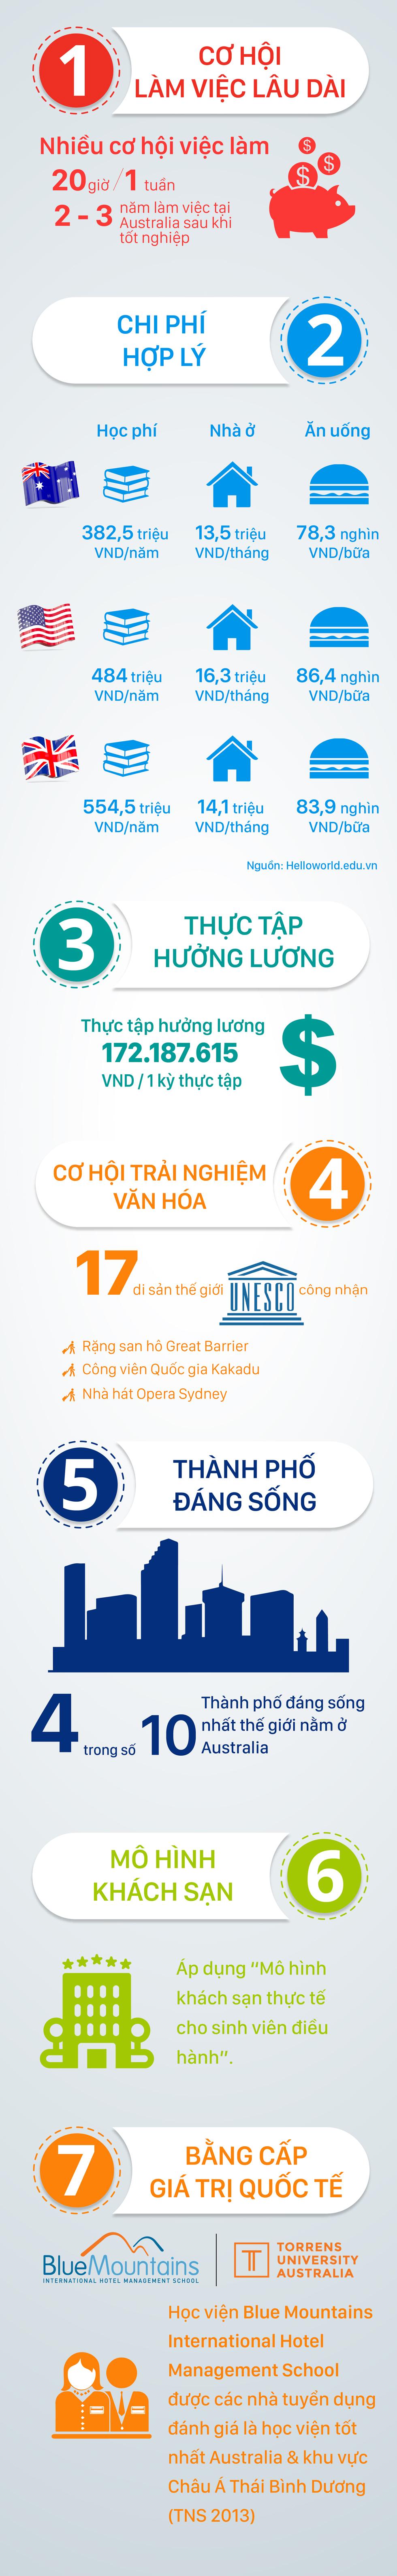 Bảy lý do du học ngành quản trị khách sạn tại BMIHMS Australia